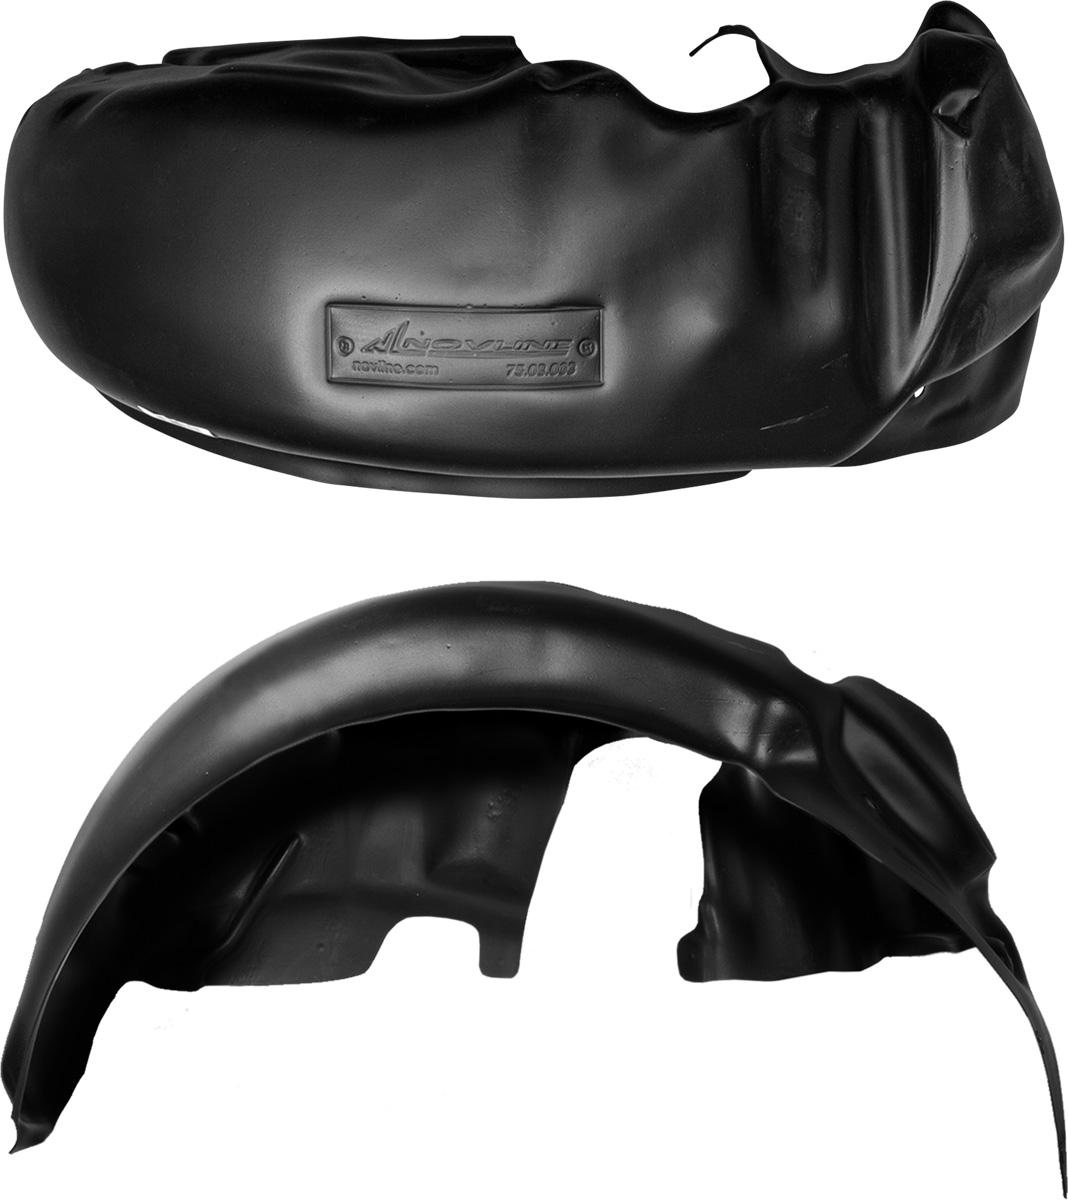 Подкрылок Novline-Autofamily, для Mitsubishi Lancer X, 03/2007->, седан, хэтчбек, передний правыйNLL.35.13.002Колесные ниши - одни из самых уязвимых зон днища вашего автомобиля. Они постоянно подвергаются воздействию со стороны дороги. Лучшая, почти абсолютная защита для них - специально отформованные пластиковые кожухи, которые называются подкрылками. Производятся они как для отечественных моделей автомобилей, так и для иномарок. Подкрылки Novline-Autofamily выполнены из высококачественного, экологически чистого пластика. Обеспечивают надежную защиту кузова автомобиля от пескоструйного эффекта и негативного влияния, агрессивных антигололедных реагентов. Пластик обладает более низкой теплопроводностью, чем металл, поэтому в зимний период эксплуатации использование пластиковых подкрылков позволяет лучше защитить колесные ниши от налипания снега и образования наледи. Оригинальность конструкции подчеркивает элегантность автомобиля, бережно защищает нанесенное на днище кузова антикоррозийное покрытие и позволяет осуществить крепление подкрылков внутри колесной арки практически без...